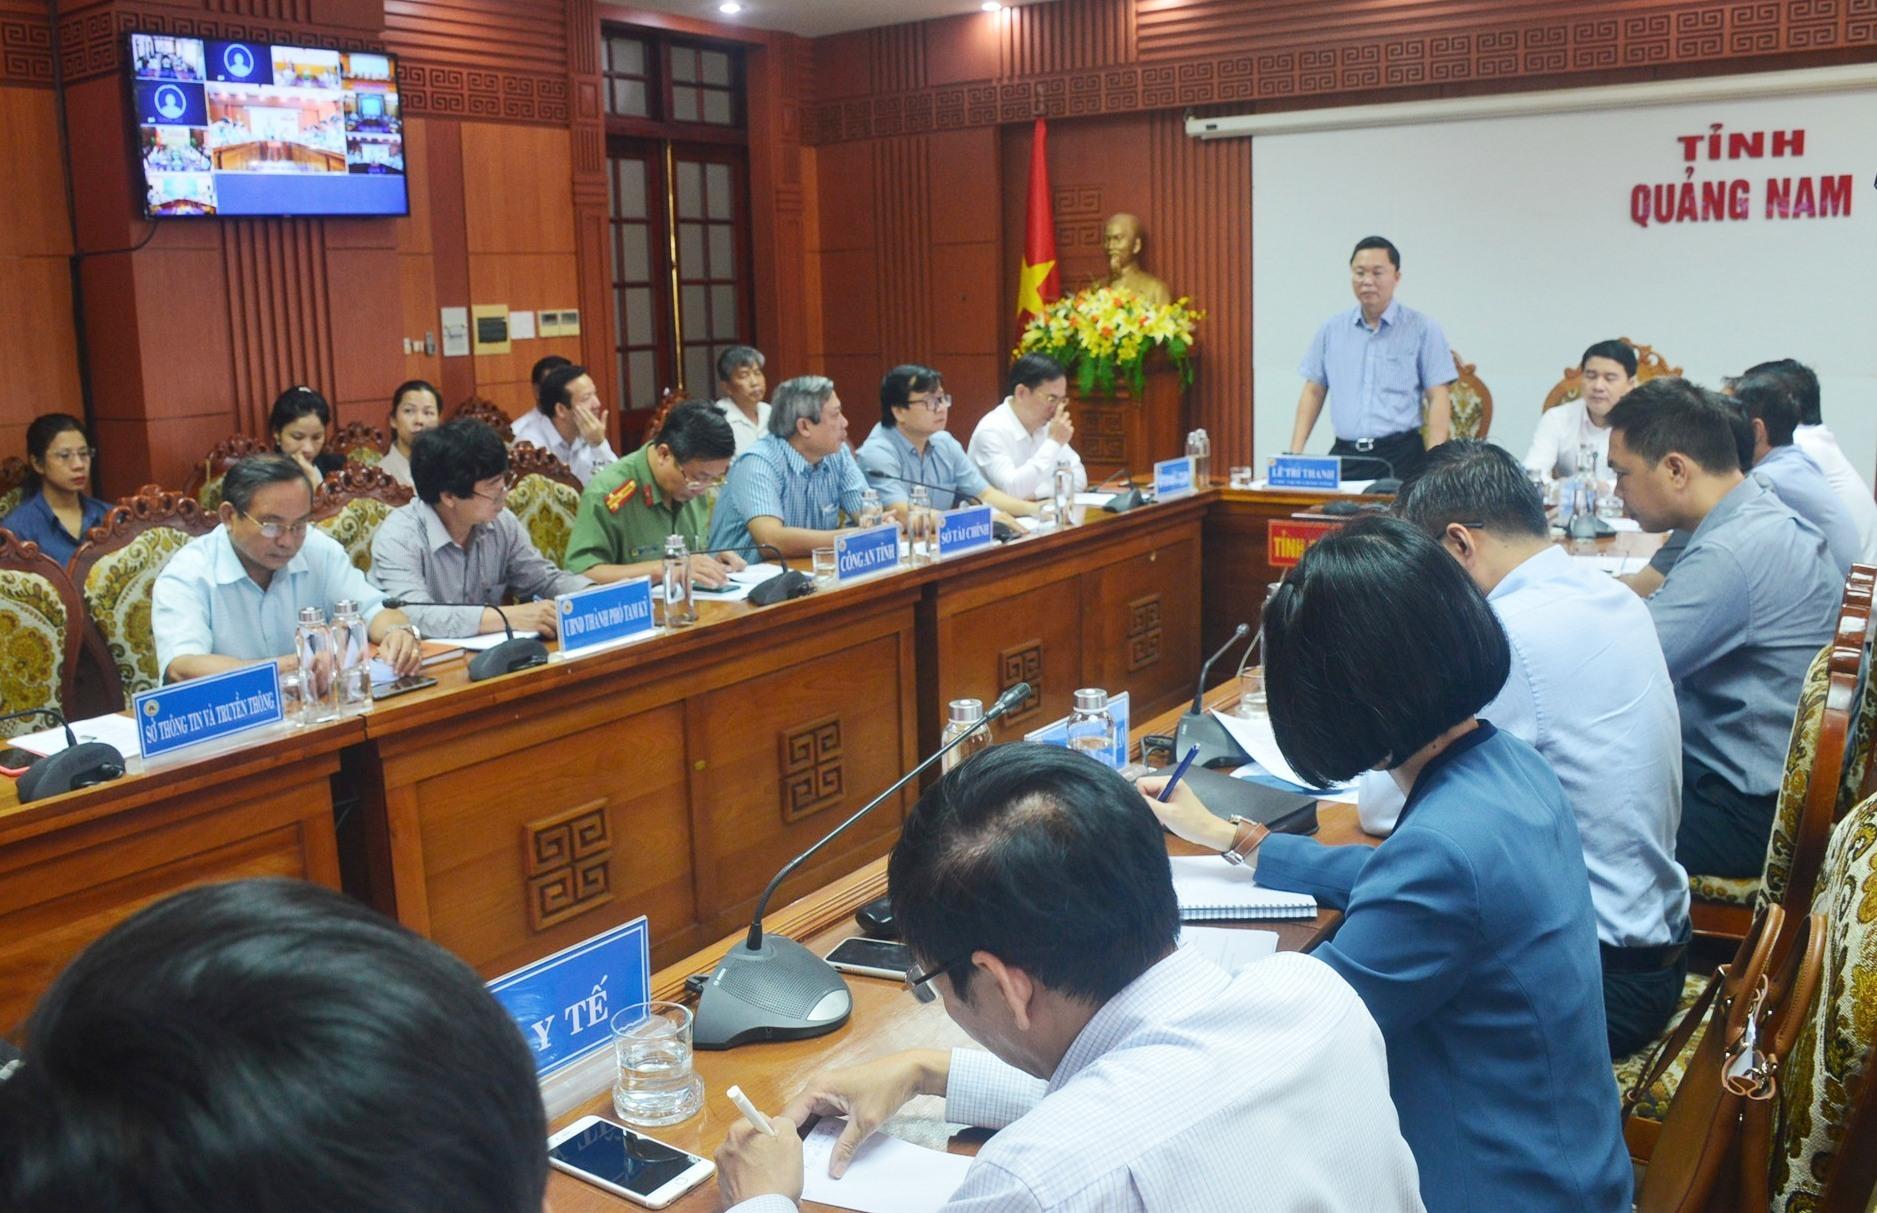 Chủ tịch UBND tỉnh Lê Trí Thanh phát biểu tại buổi họp trực tuyến. Ảnh: Q.T